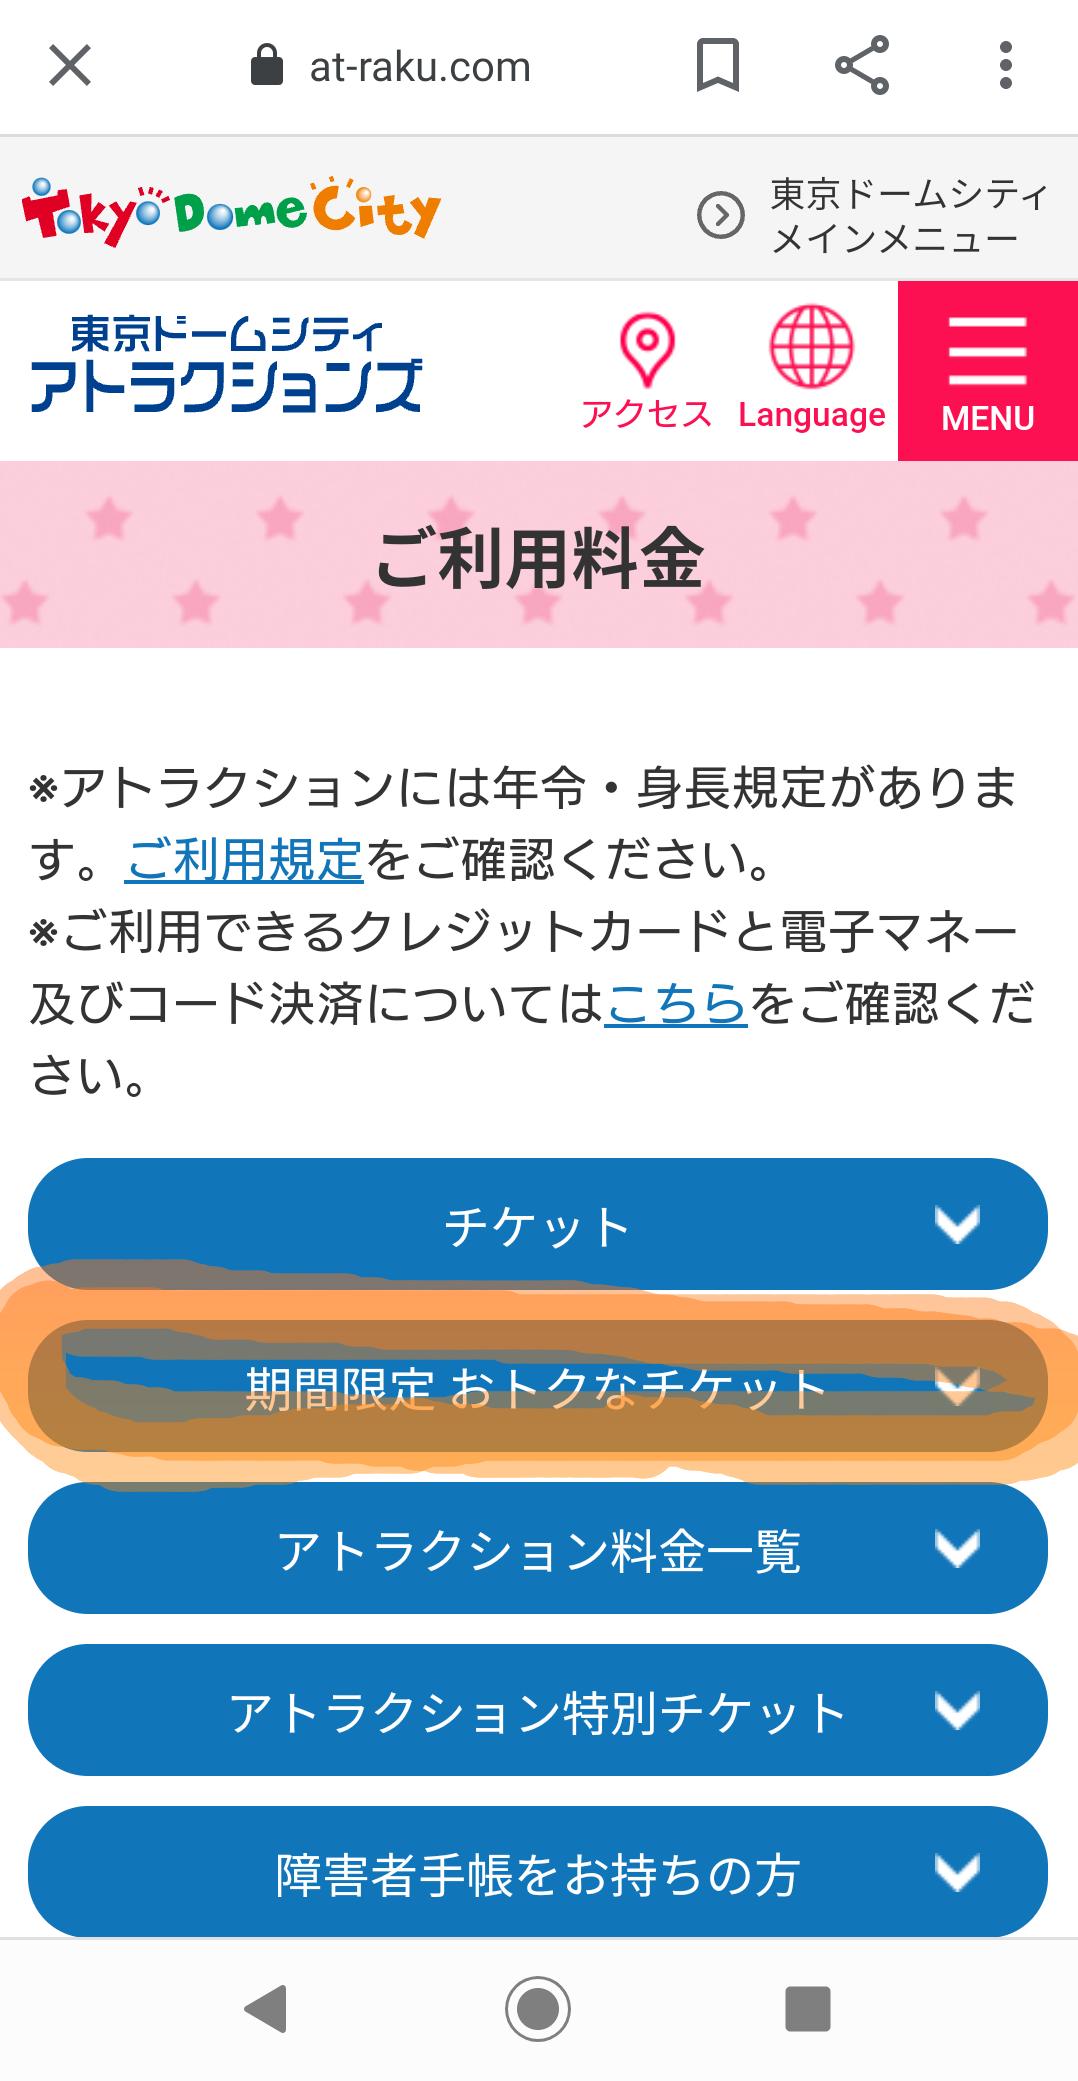 東京ドームシティのサブスクとは?料金比較やネットなどでの買い方も3